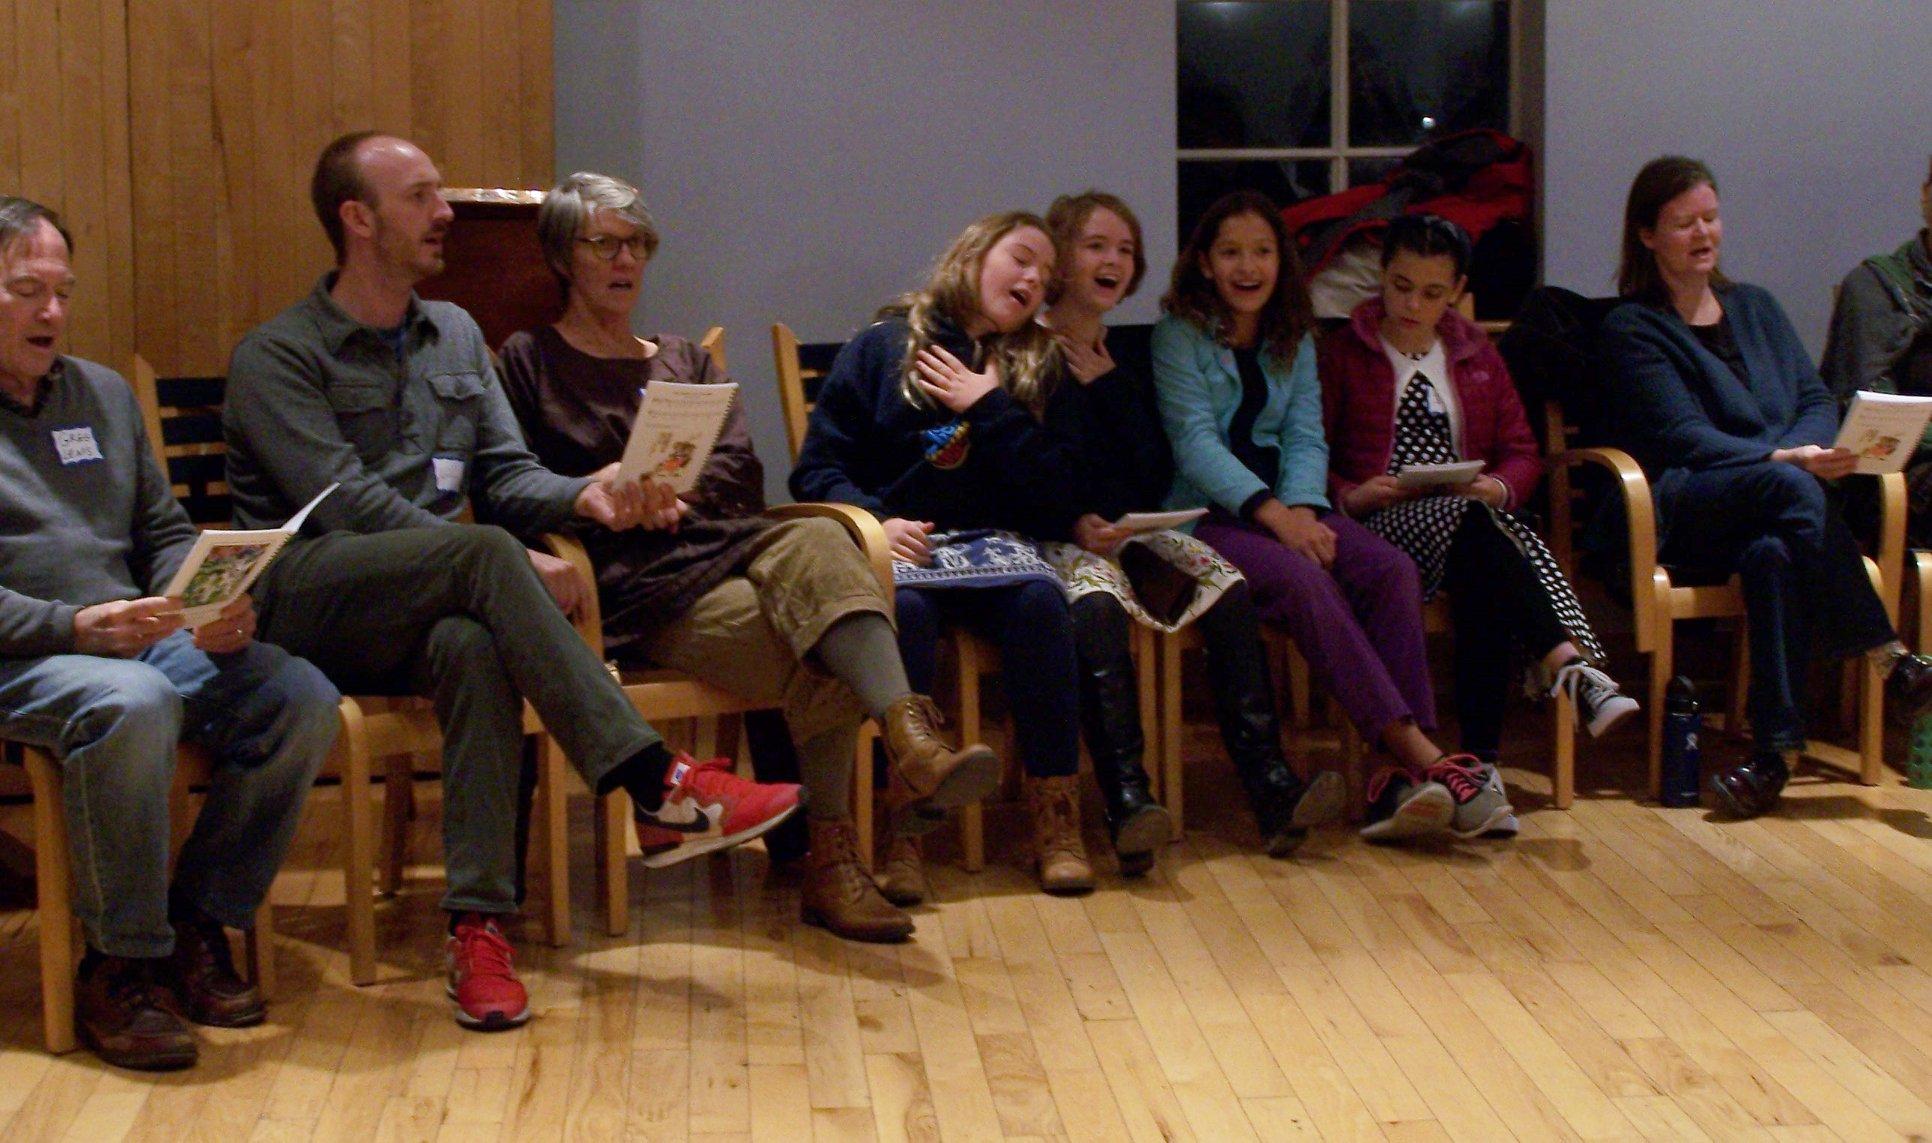 Carpe Diem-Washington Revels Community & Family Sing